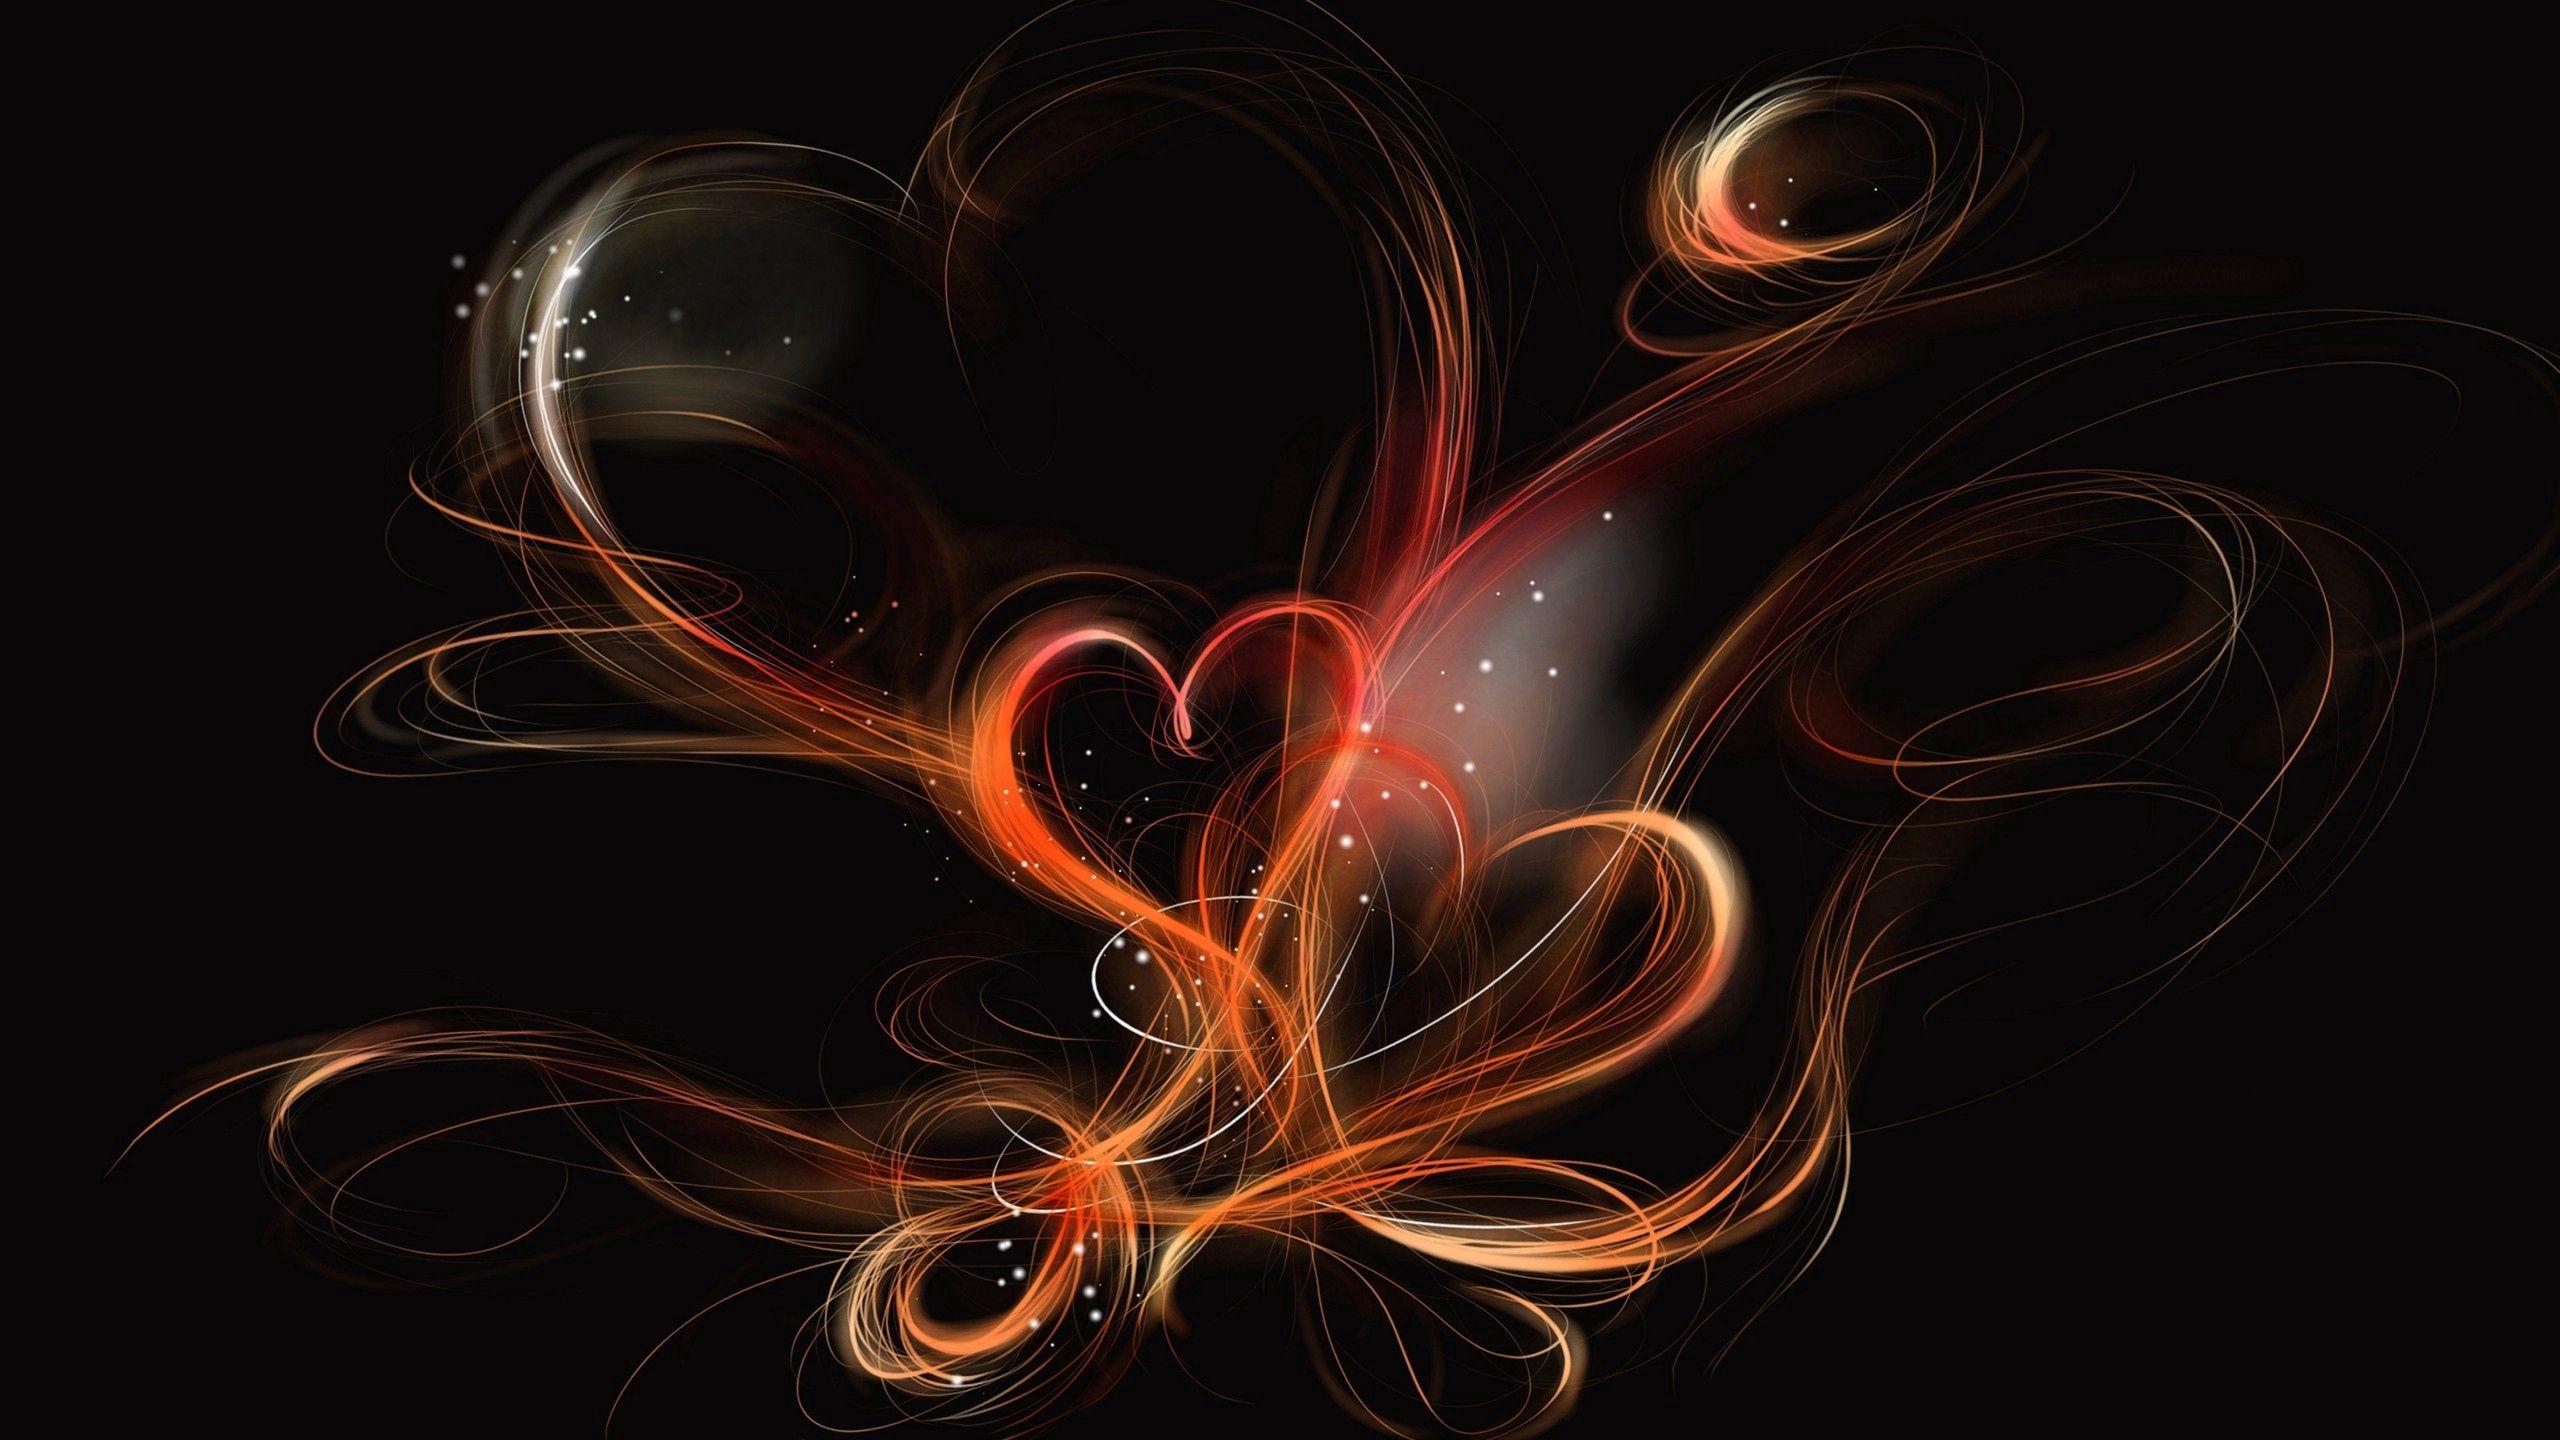 51132 скачать обои Любовь, Сердце, Пелена, Фон, Темный, Дым - заставки и картинки бесплатно